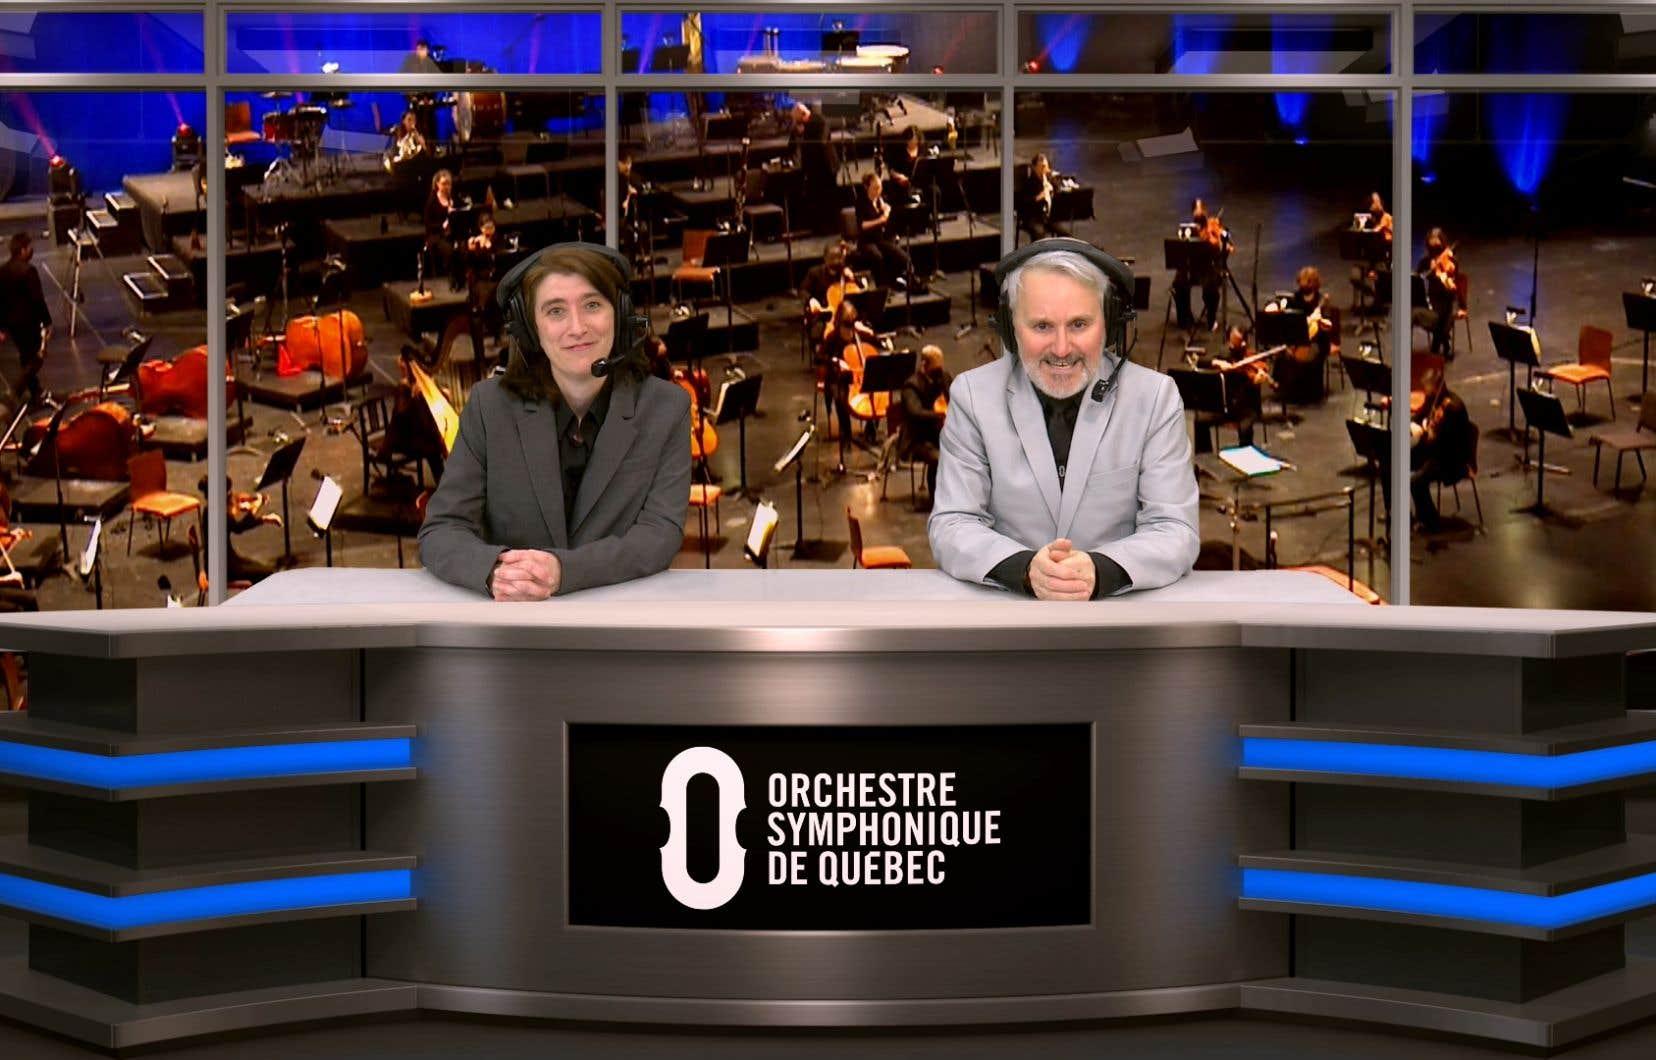 Jusqu'à dimanche, l'Orchestre symphonique de Québec met à disposition sur YouTube un original concert «famille», le «Championnat symphonique».